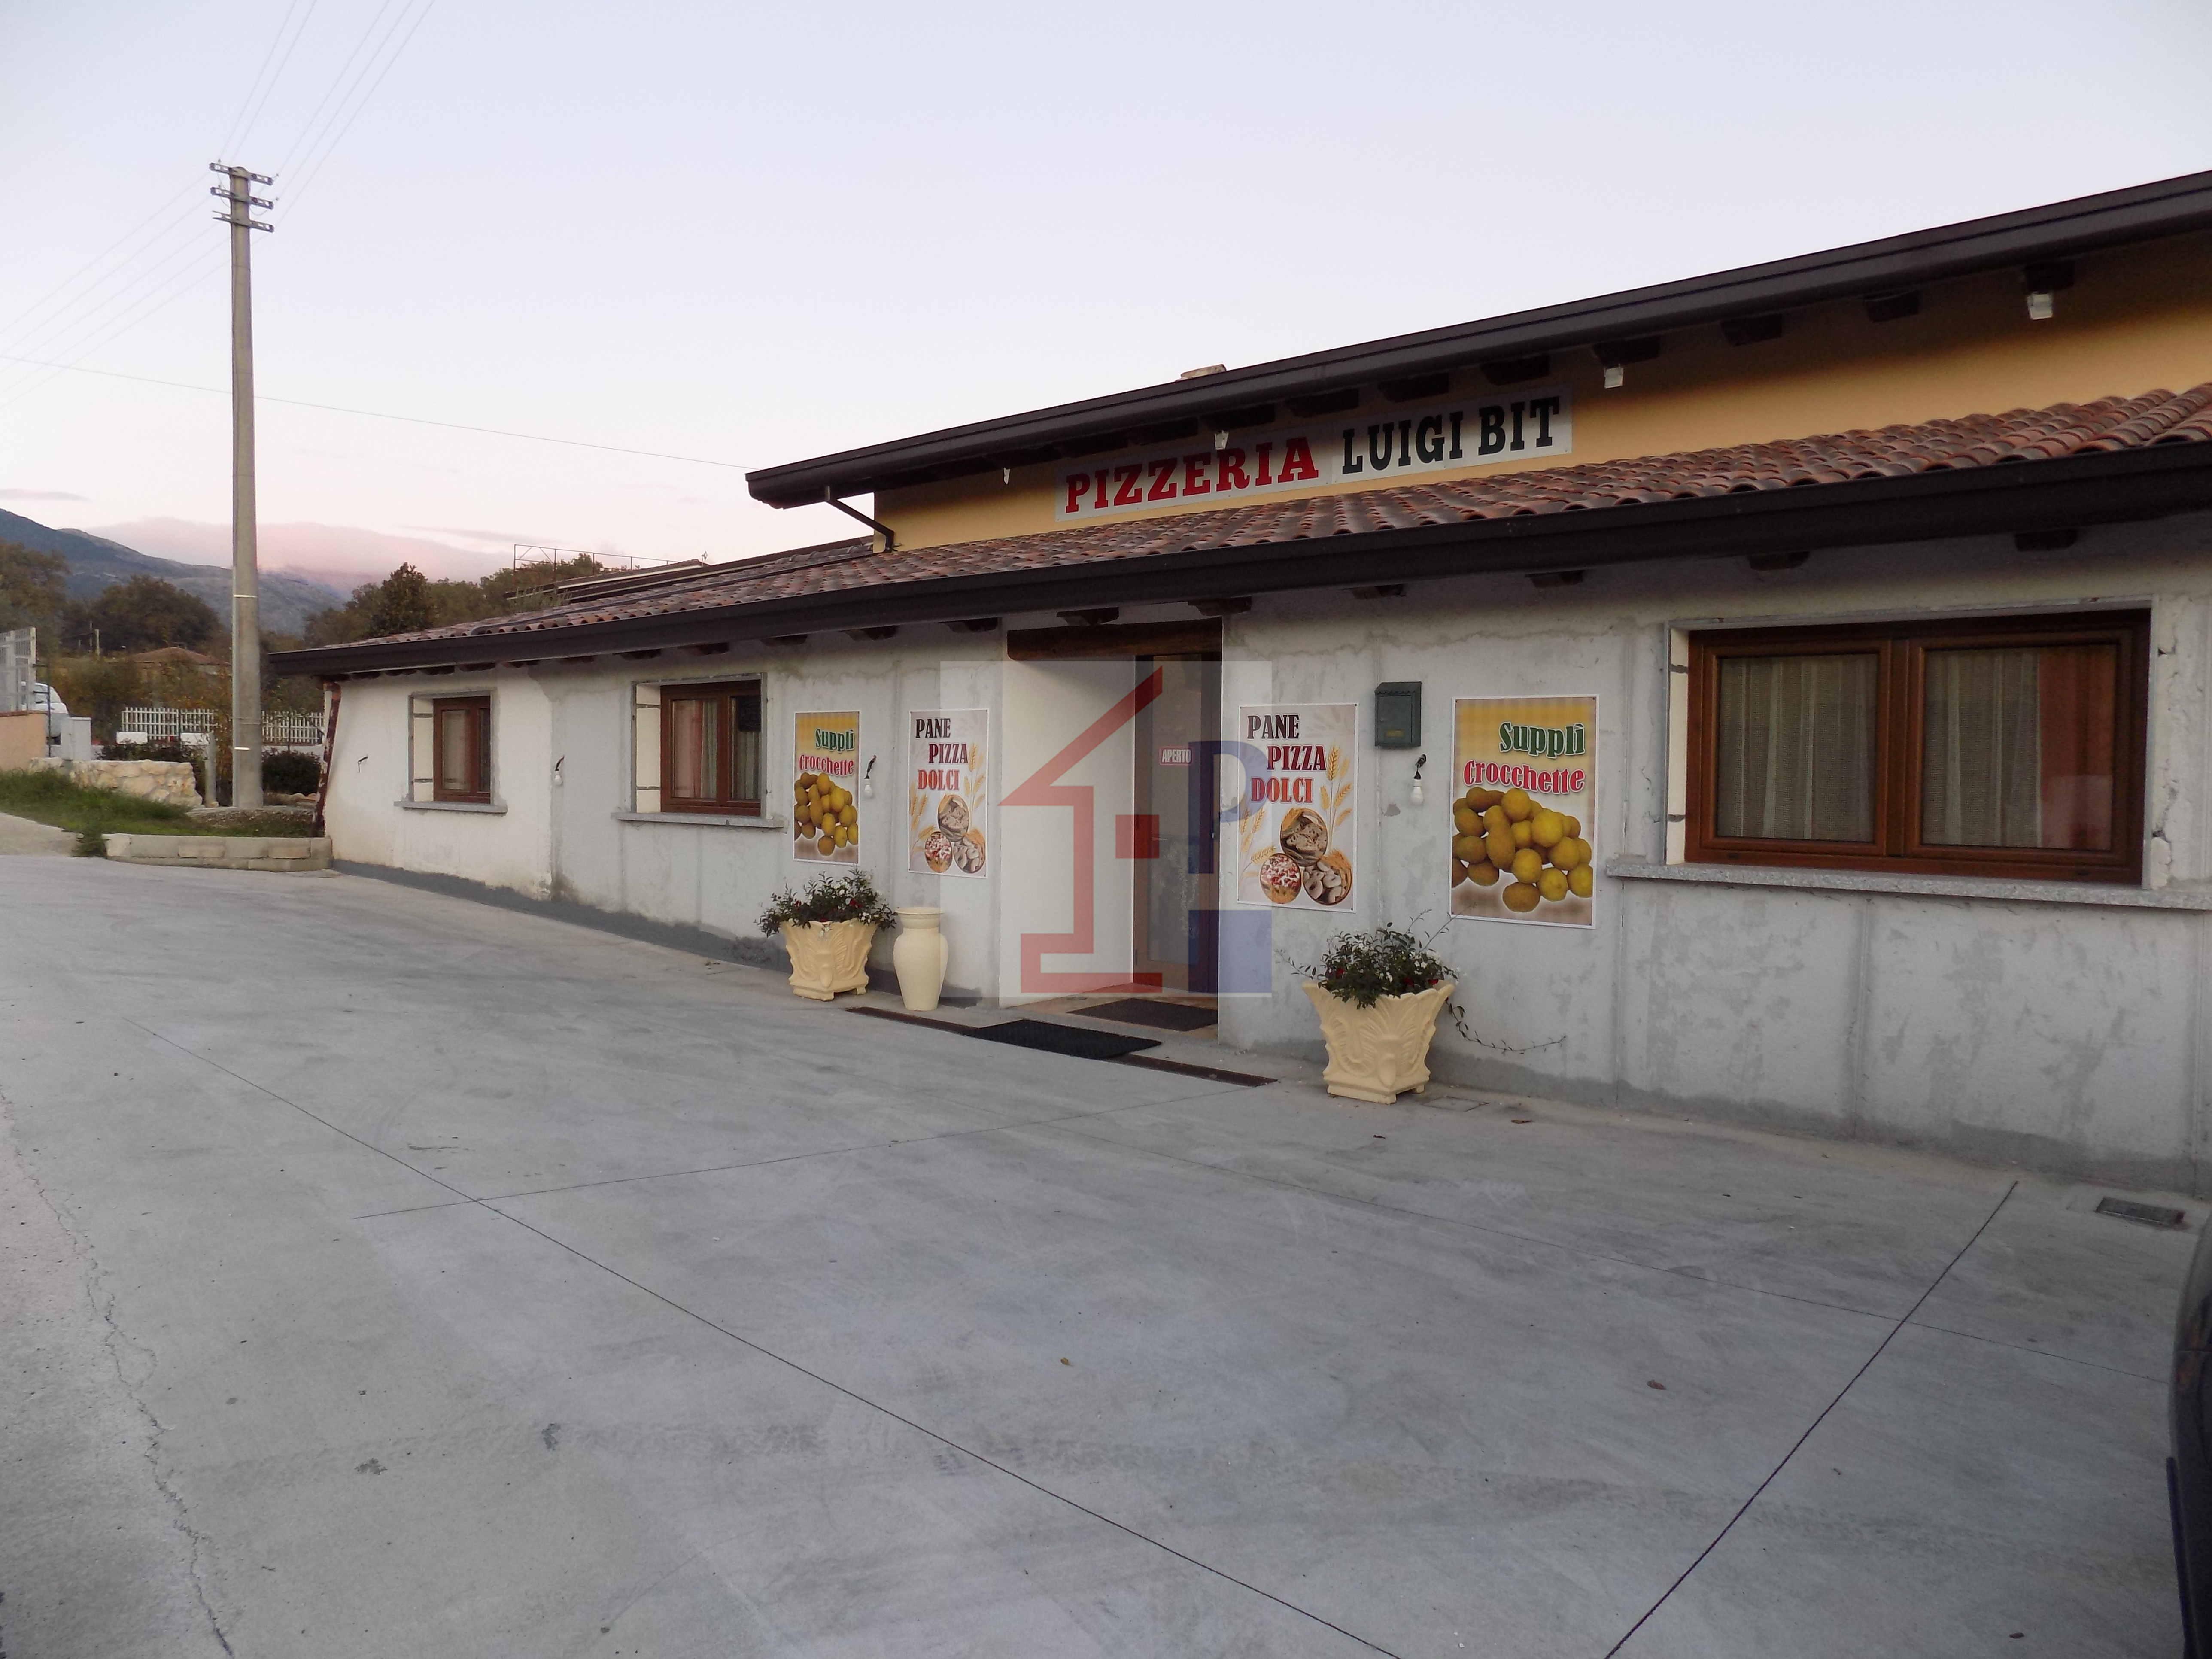 Attività di Bar-Pizzeria-Trattoria a Isola del Liri